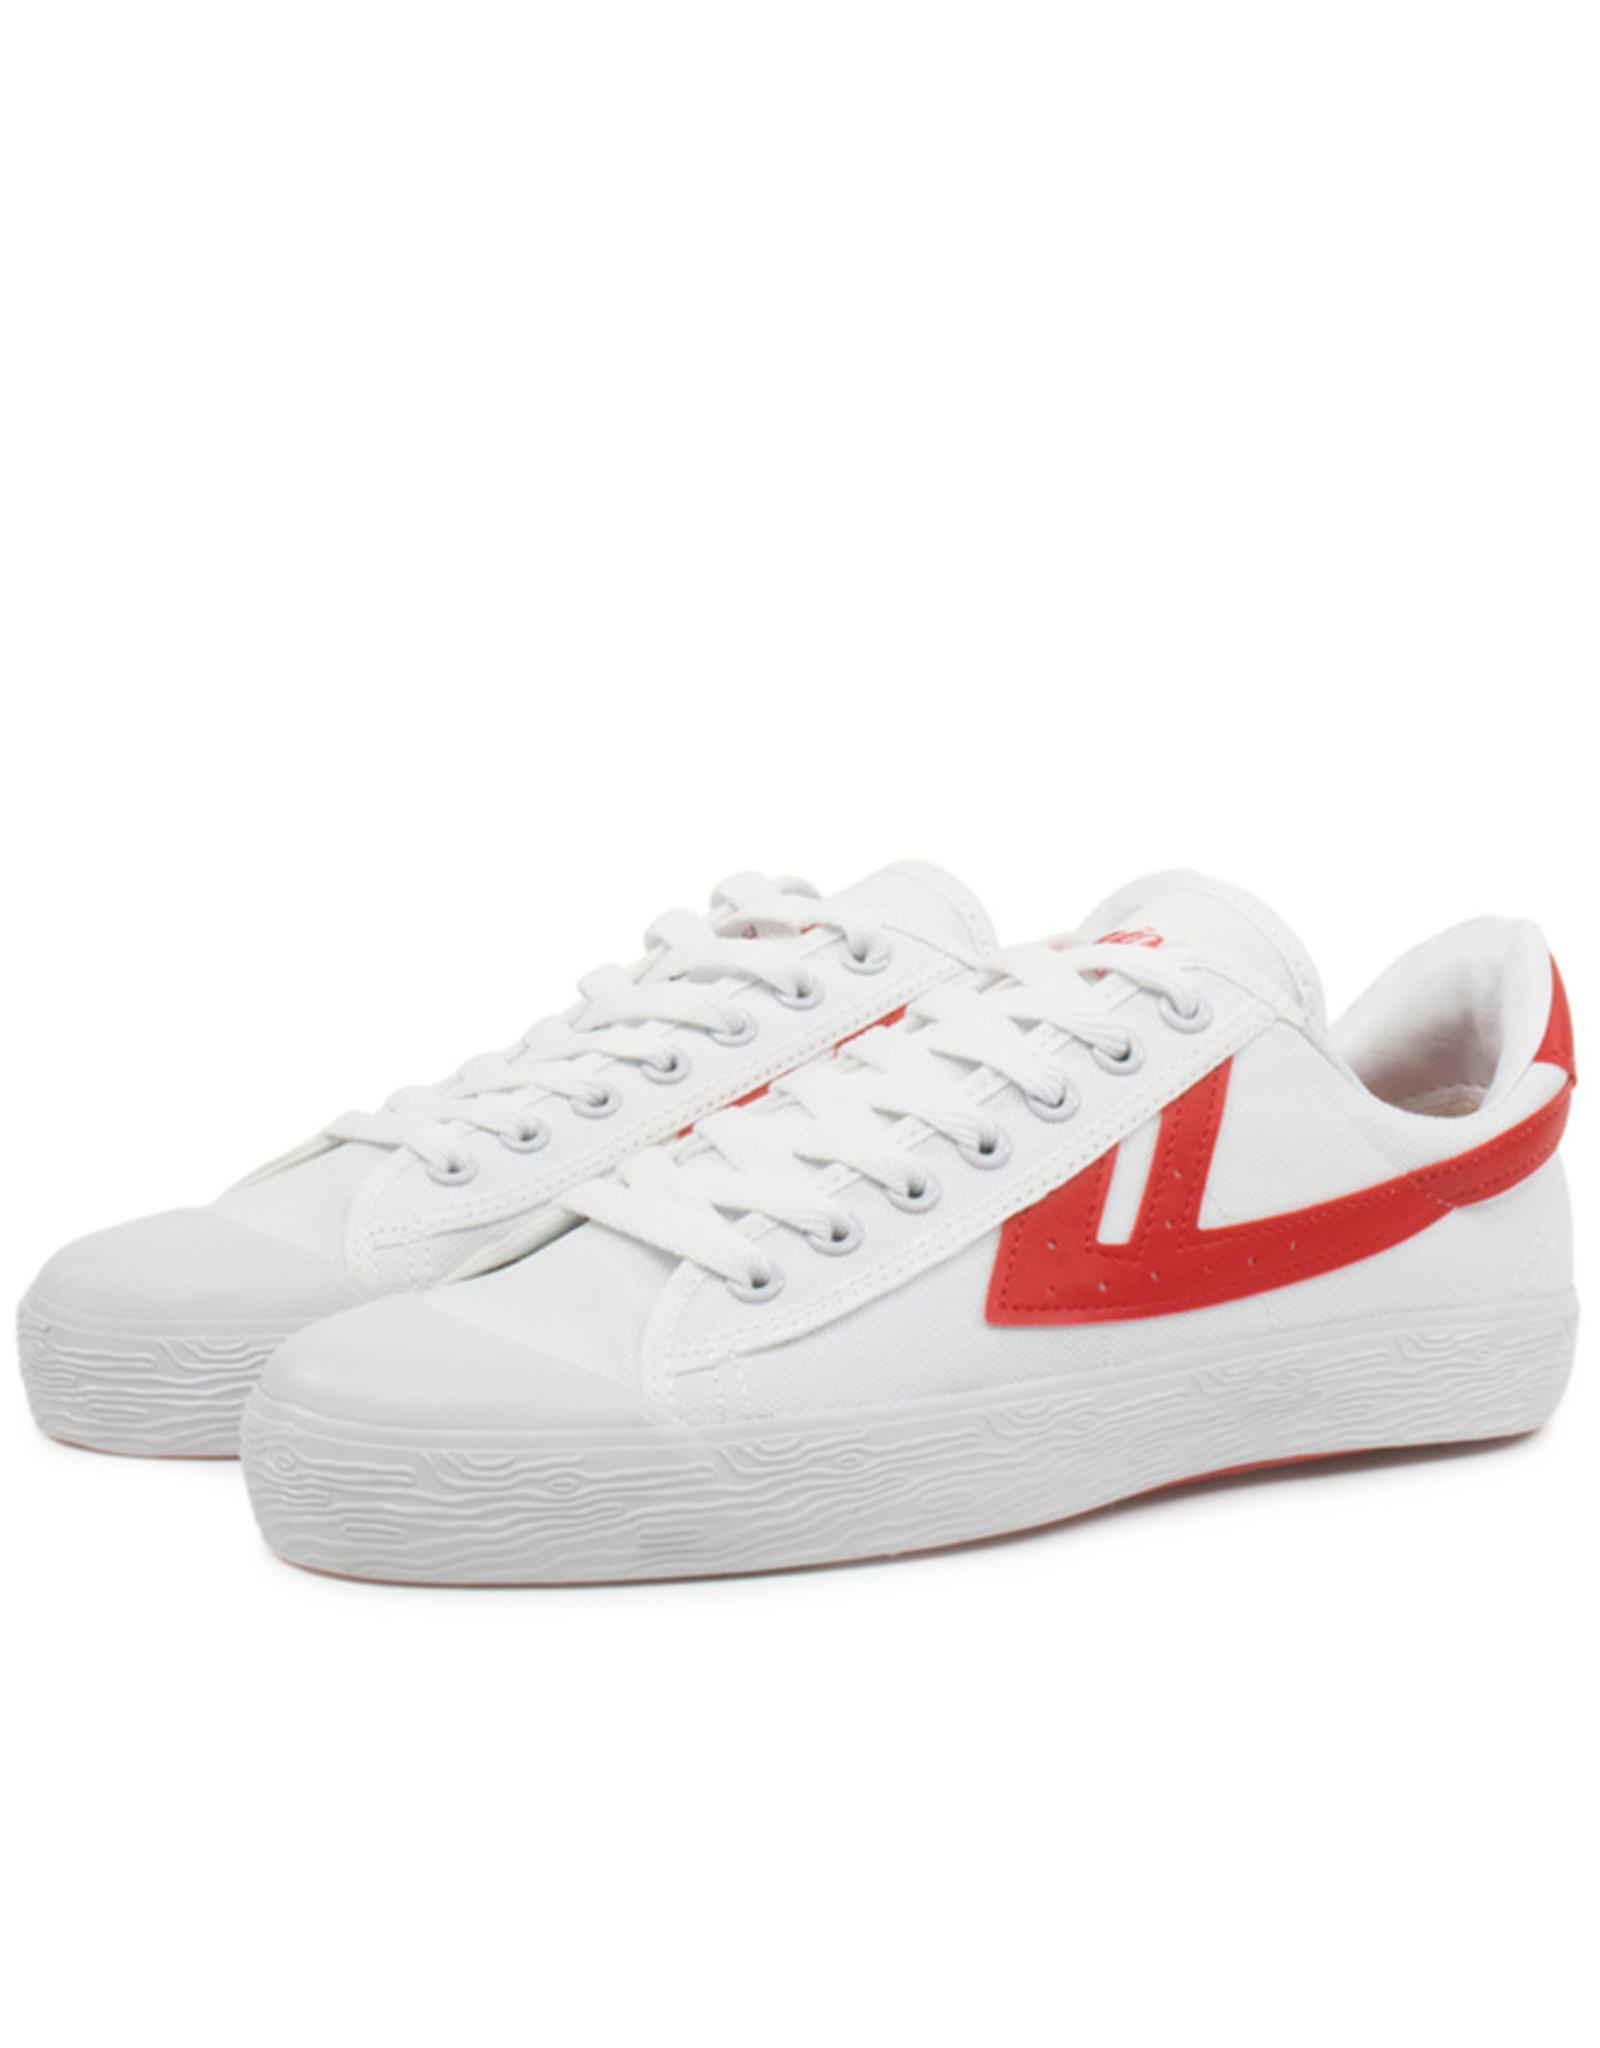 Warrior Warrior sneakers